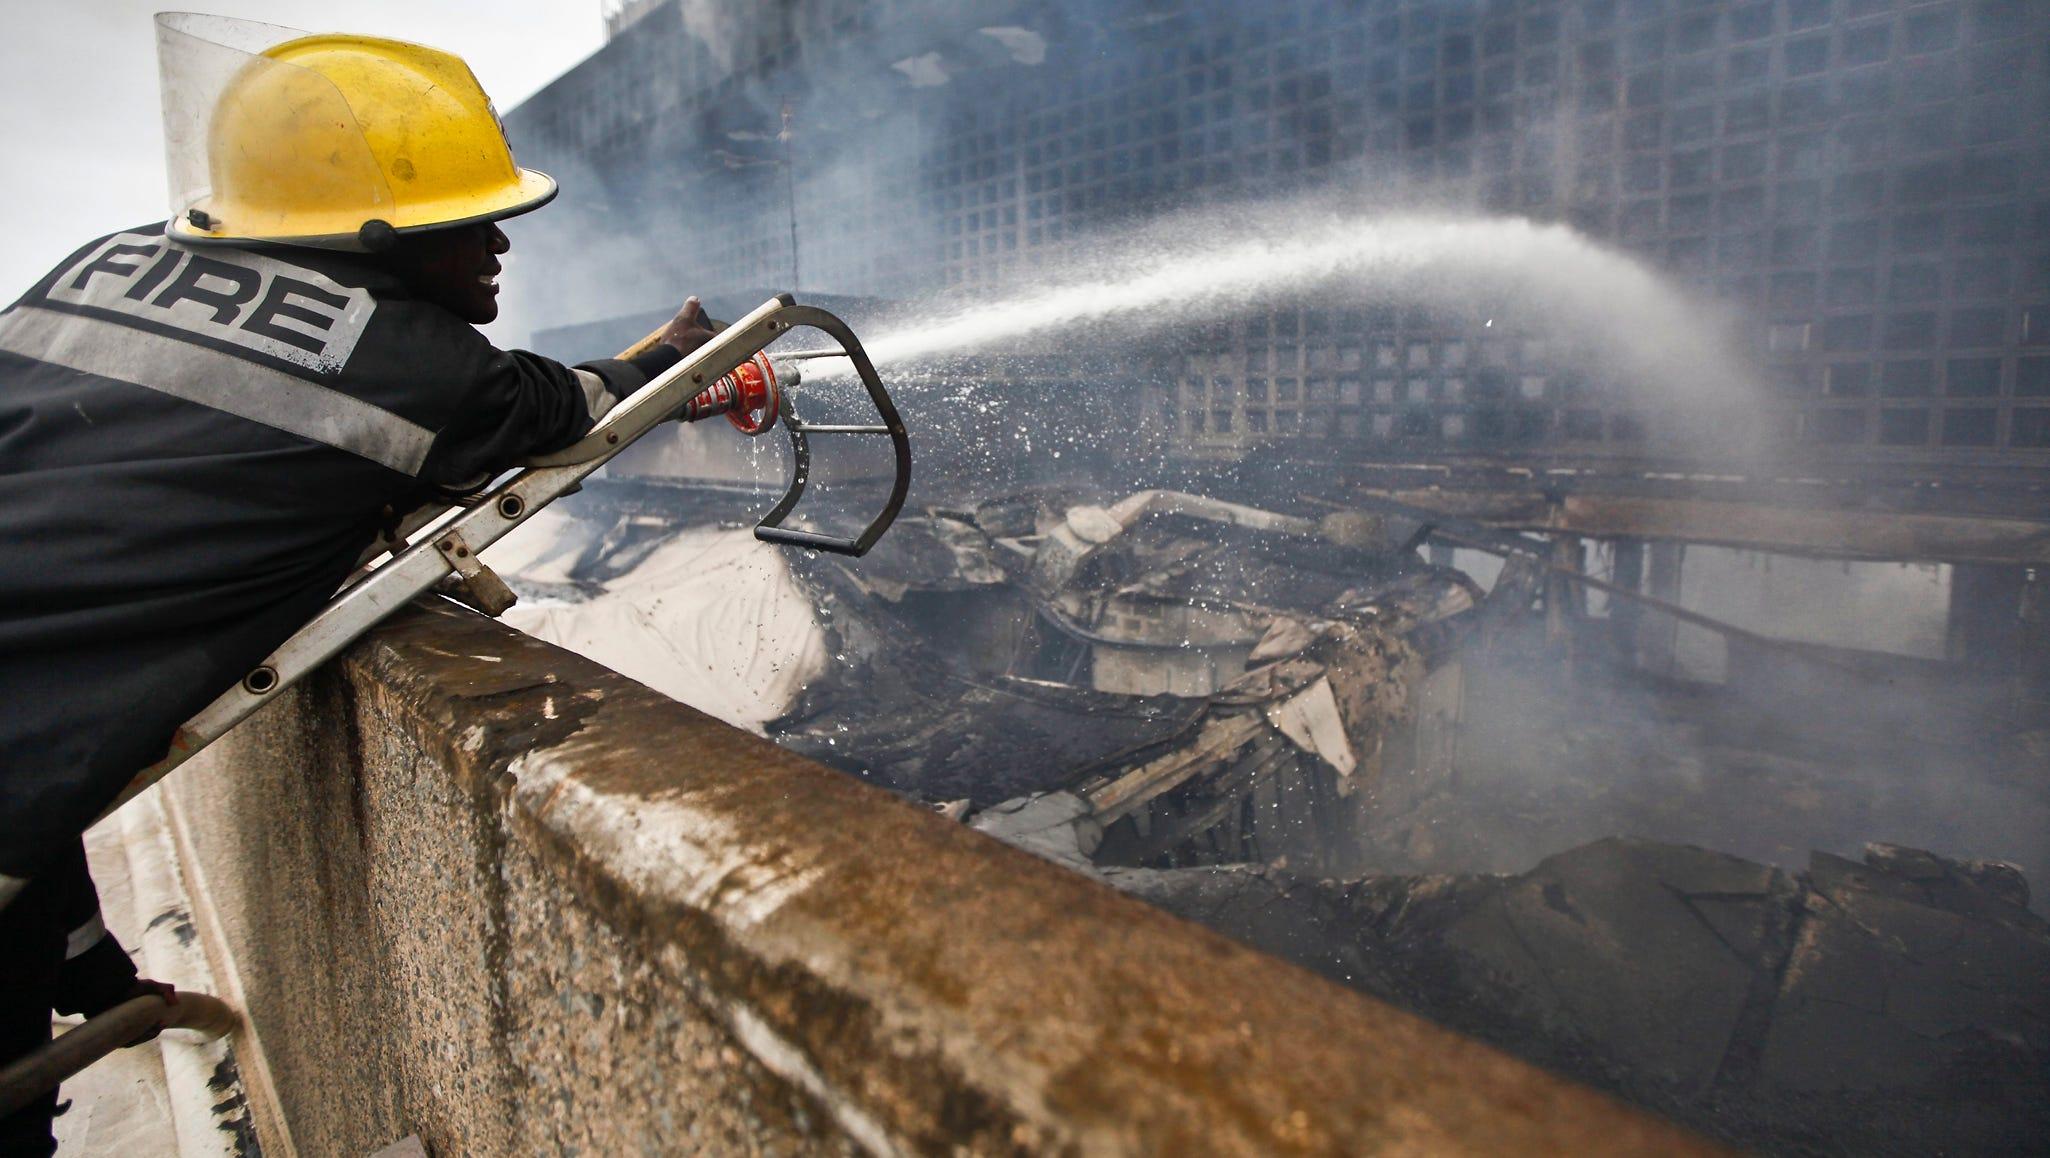 A firefighter waters smoldering debris.